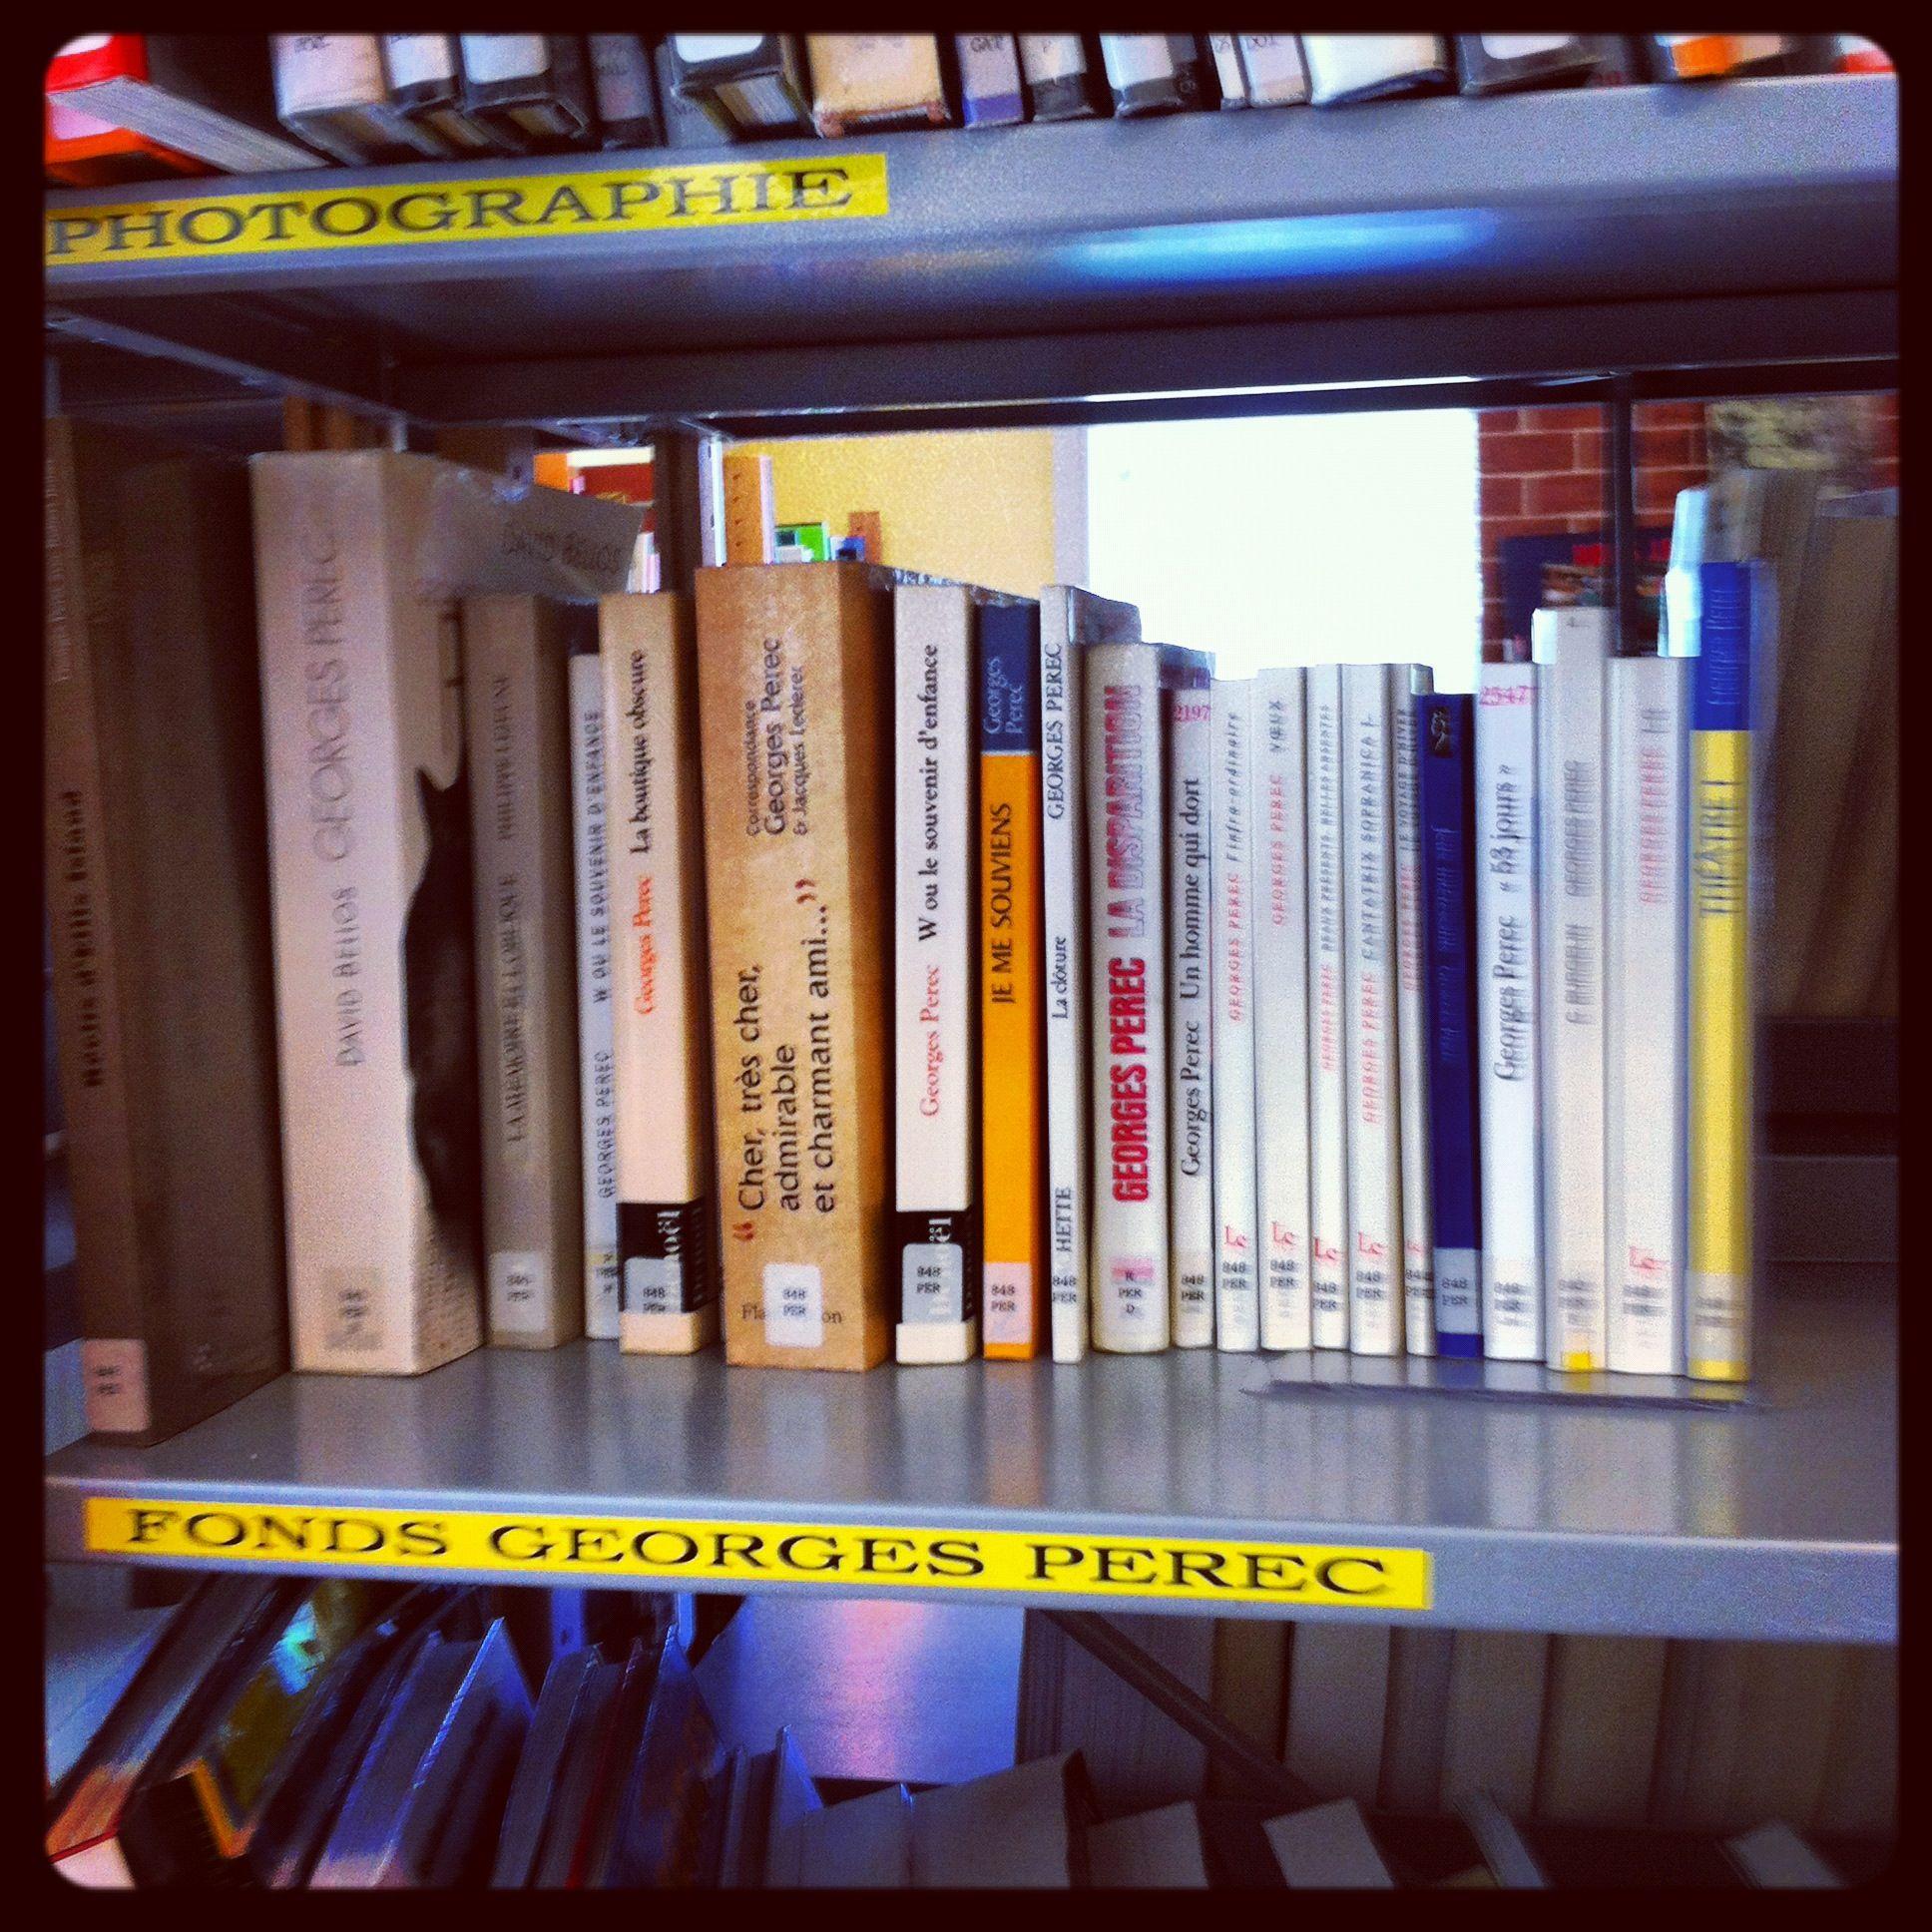 冊数は少ないながらペレックコーナーもちゃんとある。『Wあるいは子供の頃の思い出』も。